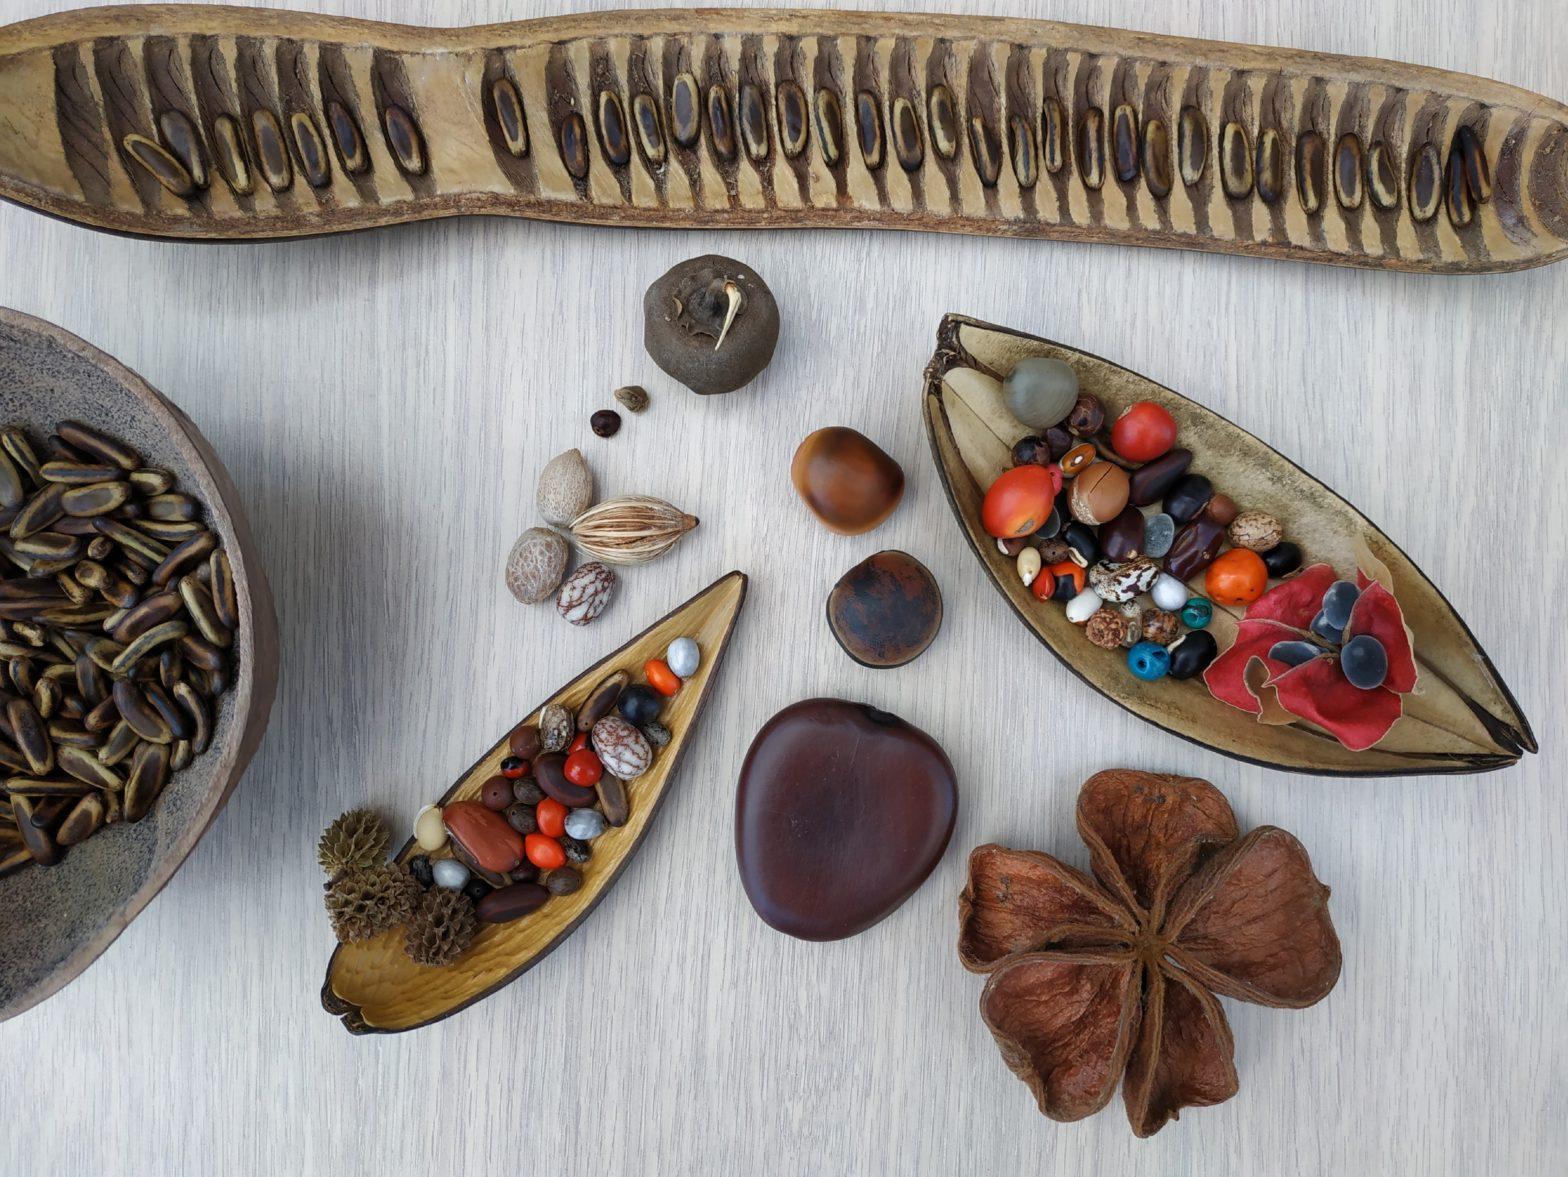 panaché de graines utilisées pour la confection de bijoux. On retrouve notamment la graine wawa, l'œil de bœuf, le flamboyant, le caconnier etc